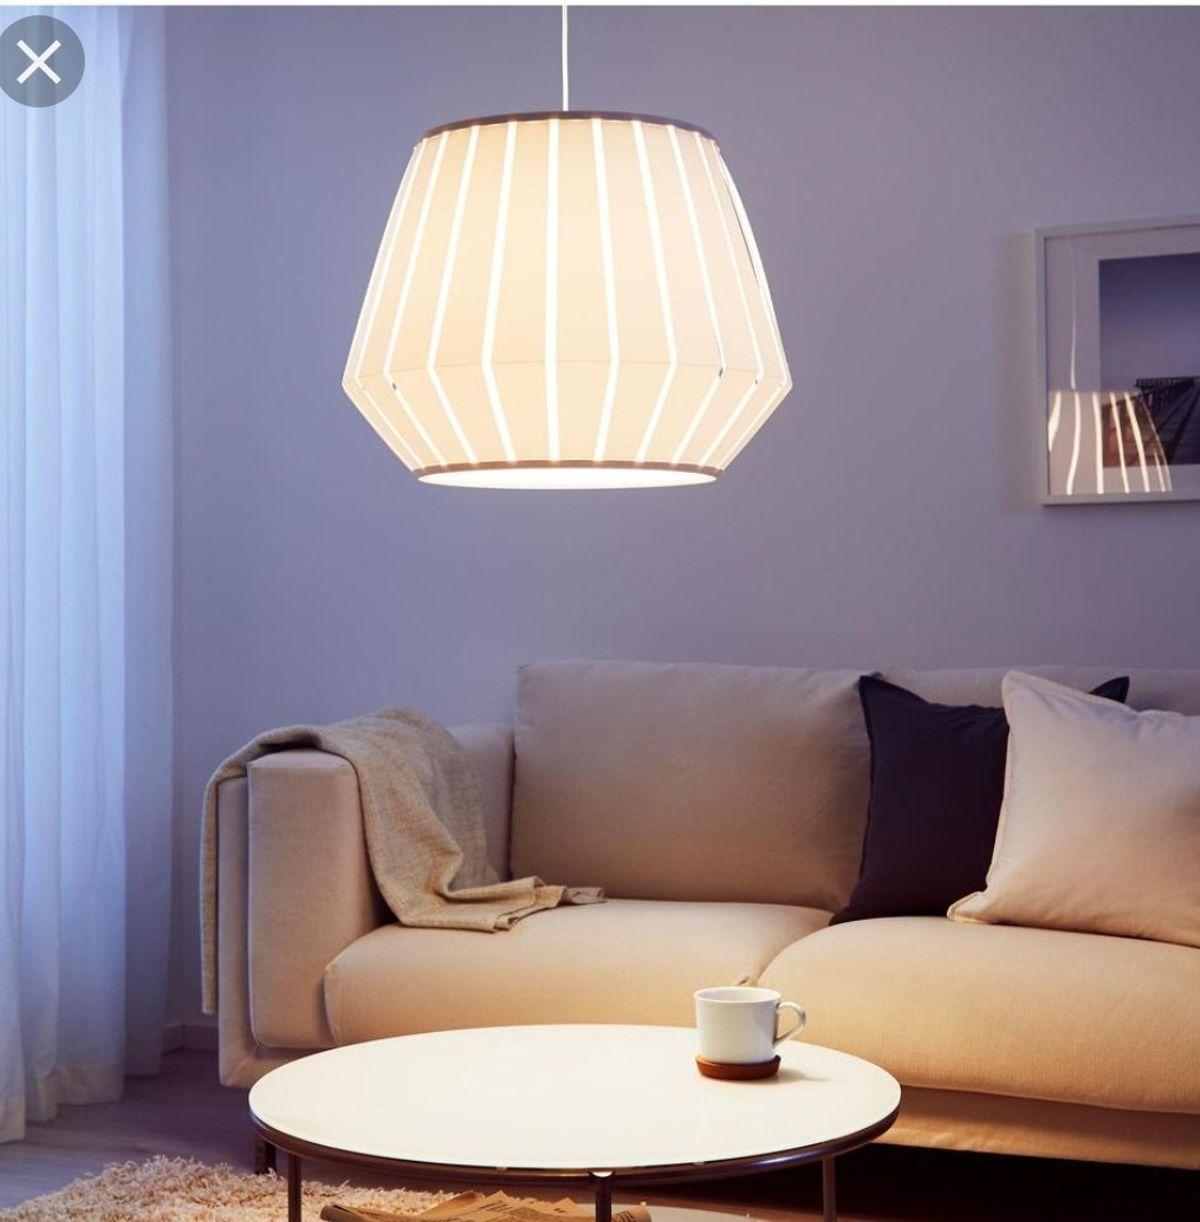 Ikea Wohnzimmer Lampe